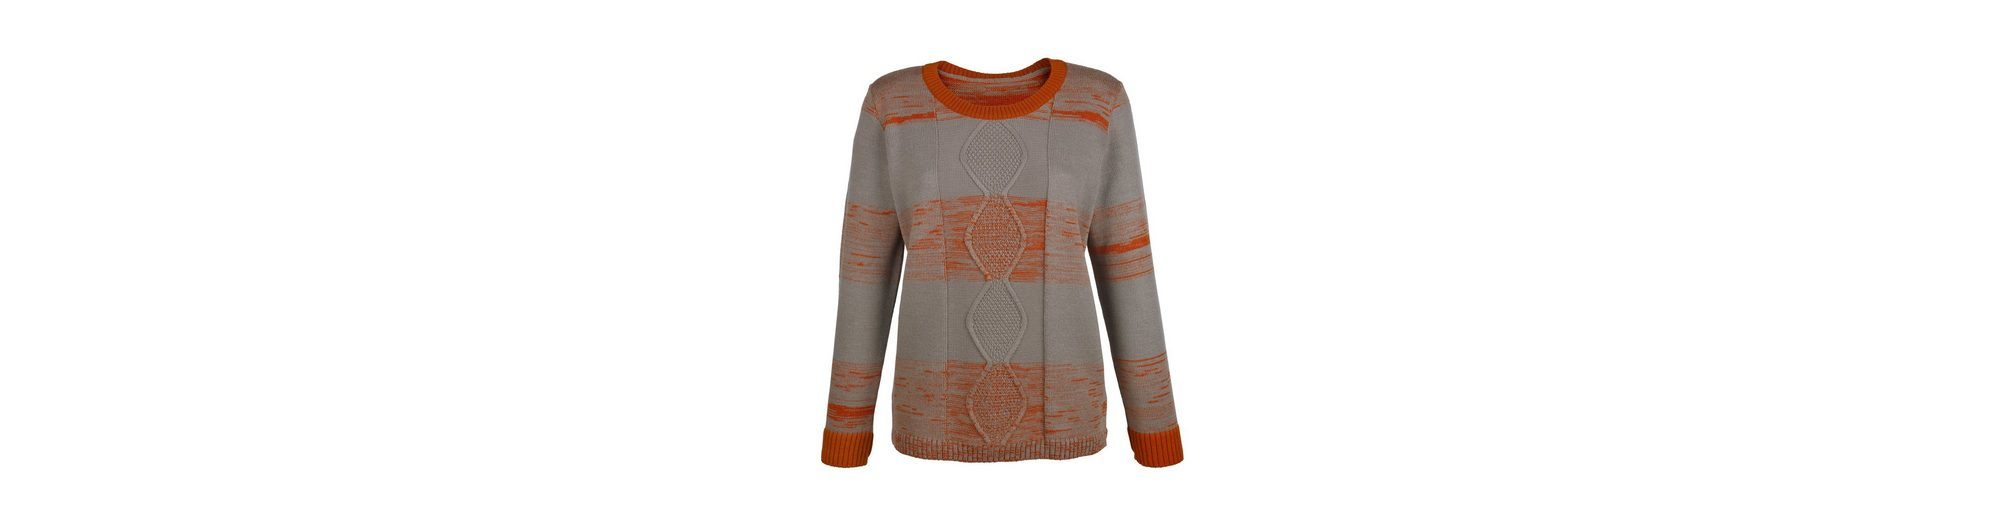 Freies Verschiffen Aus Deutschland Dress In Pullover in Streifenoptik Empfehlen Verkauf Online Bester Ort Großhandelspreis 8lOAXpxp3g